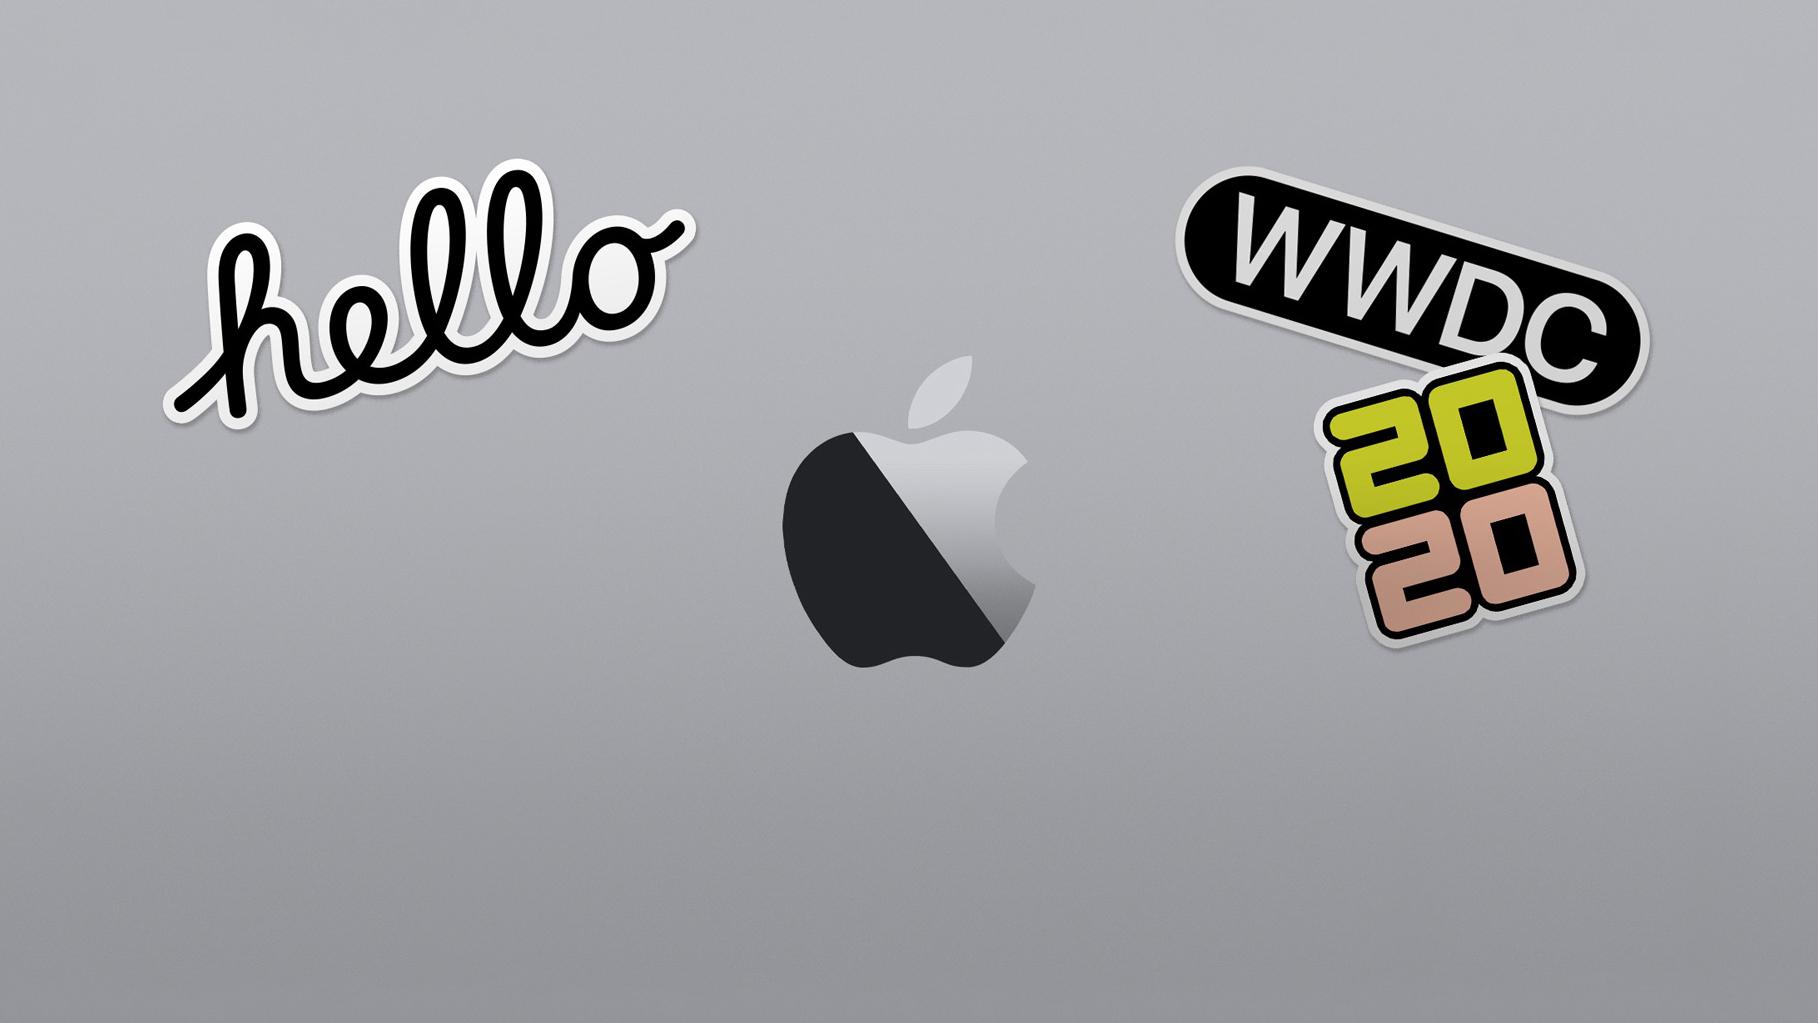 Ожидается, что Apple объявит о своих планах Mac на WWDC, переход от Intel к началу в 2021 году